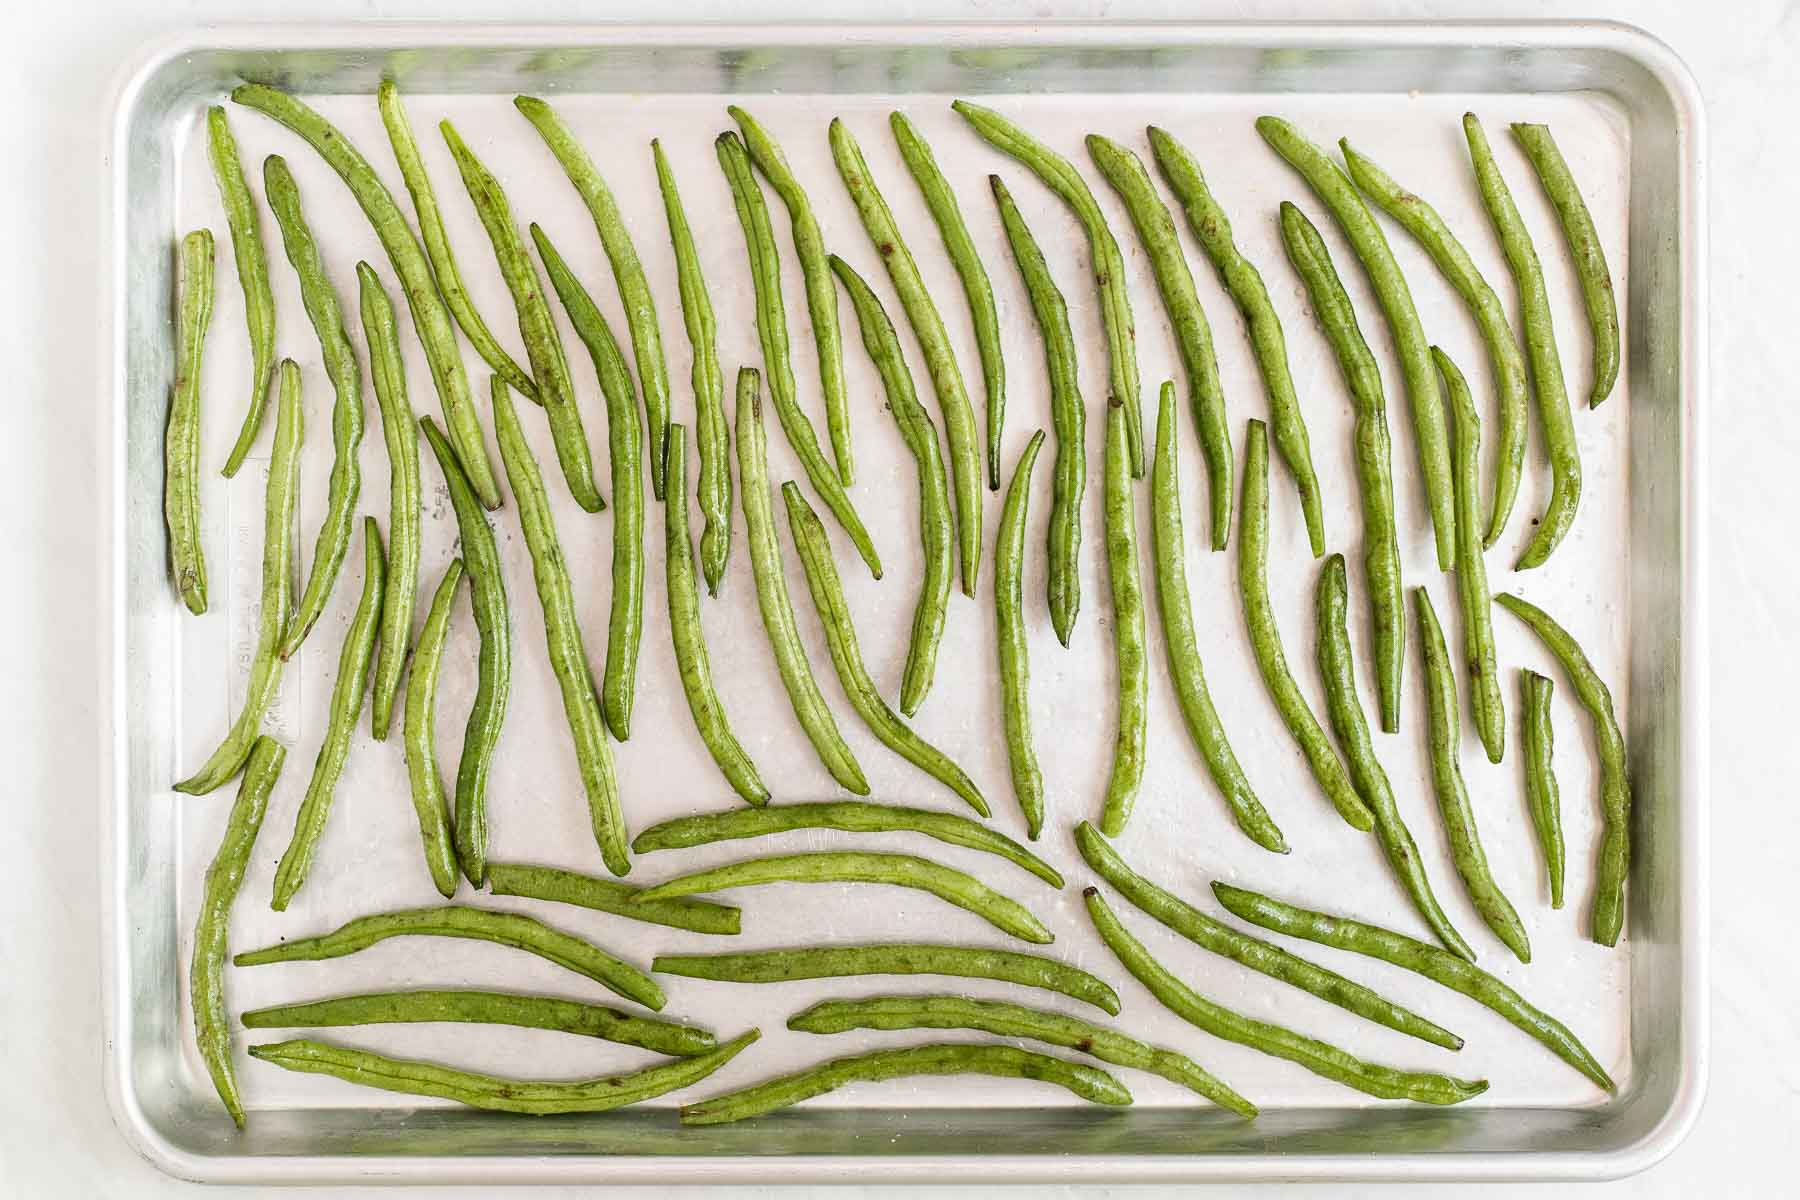 Green beans on a baking sheet.